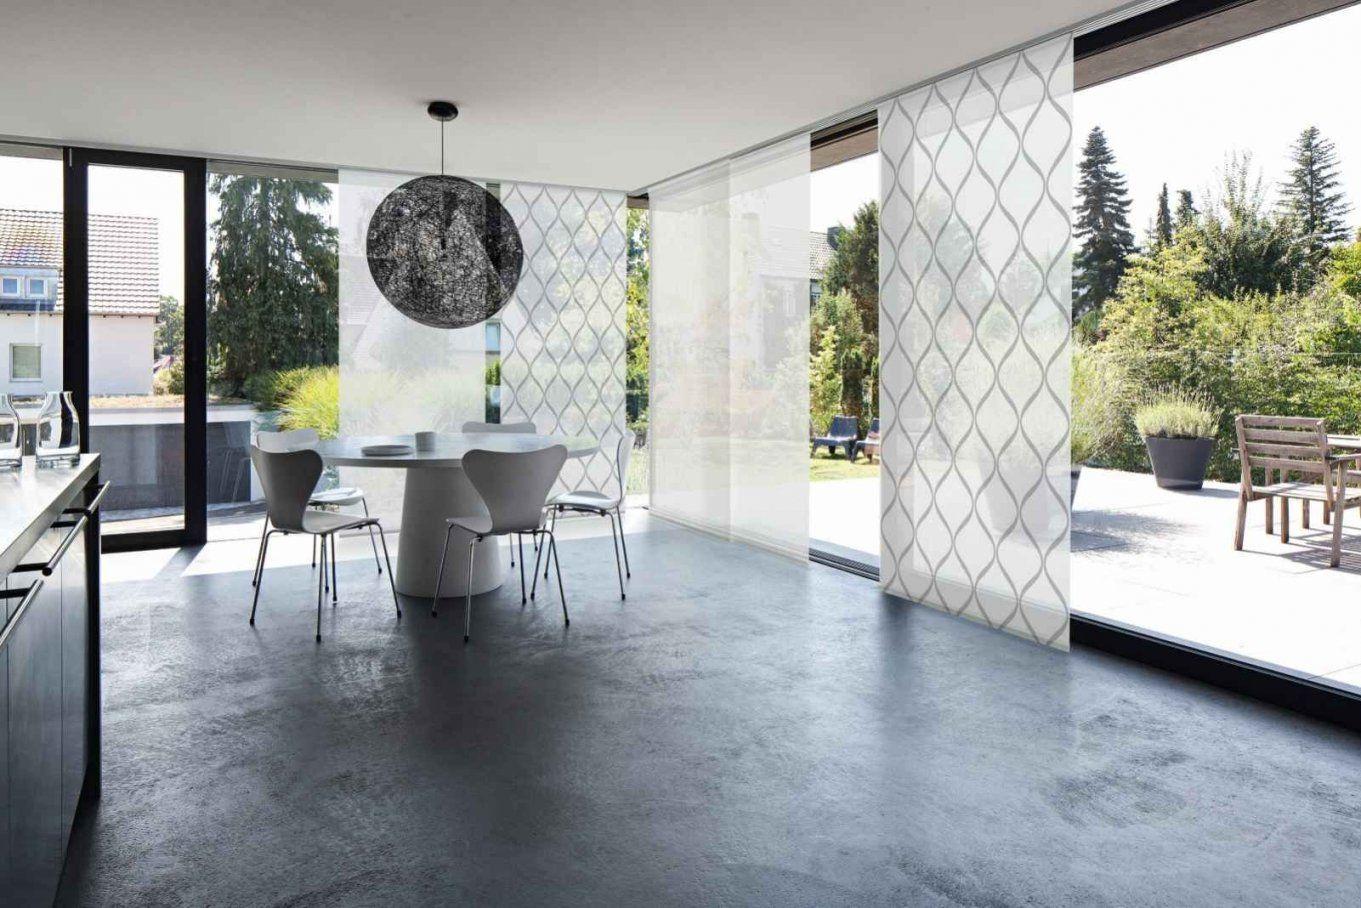 Ob Am Bodentiefen Fenster Oder Als Raumteiler Mhz Flächenvorhänge von Gardinen Ideen Für Bodentiefe Fenster Bild